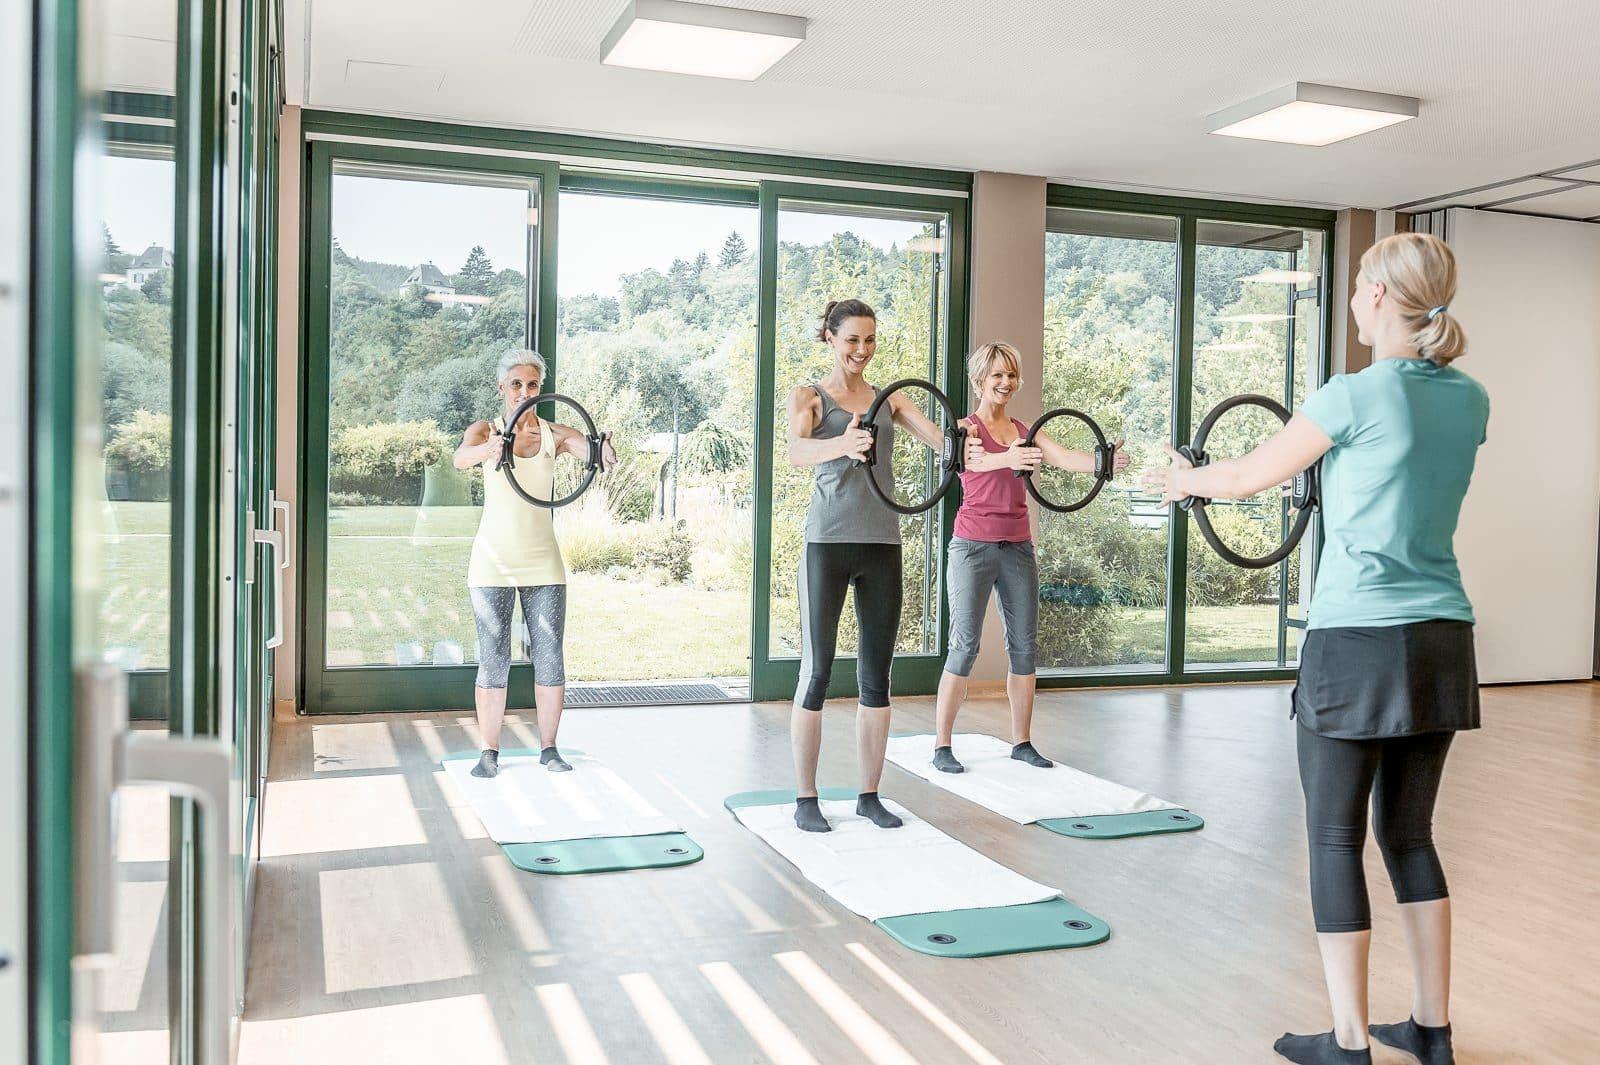 3 Frauen machen unter Anleitung Gymnastik mit Ringen